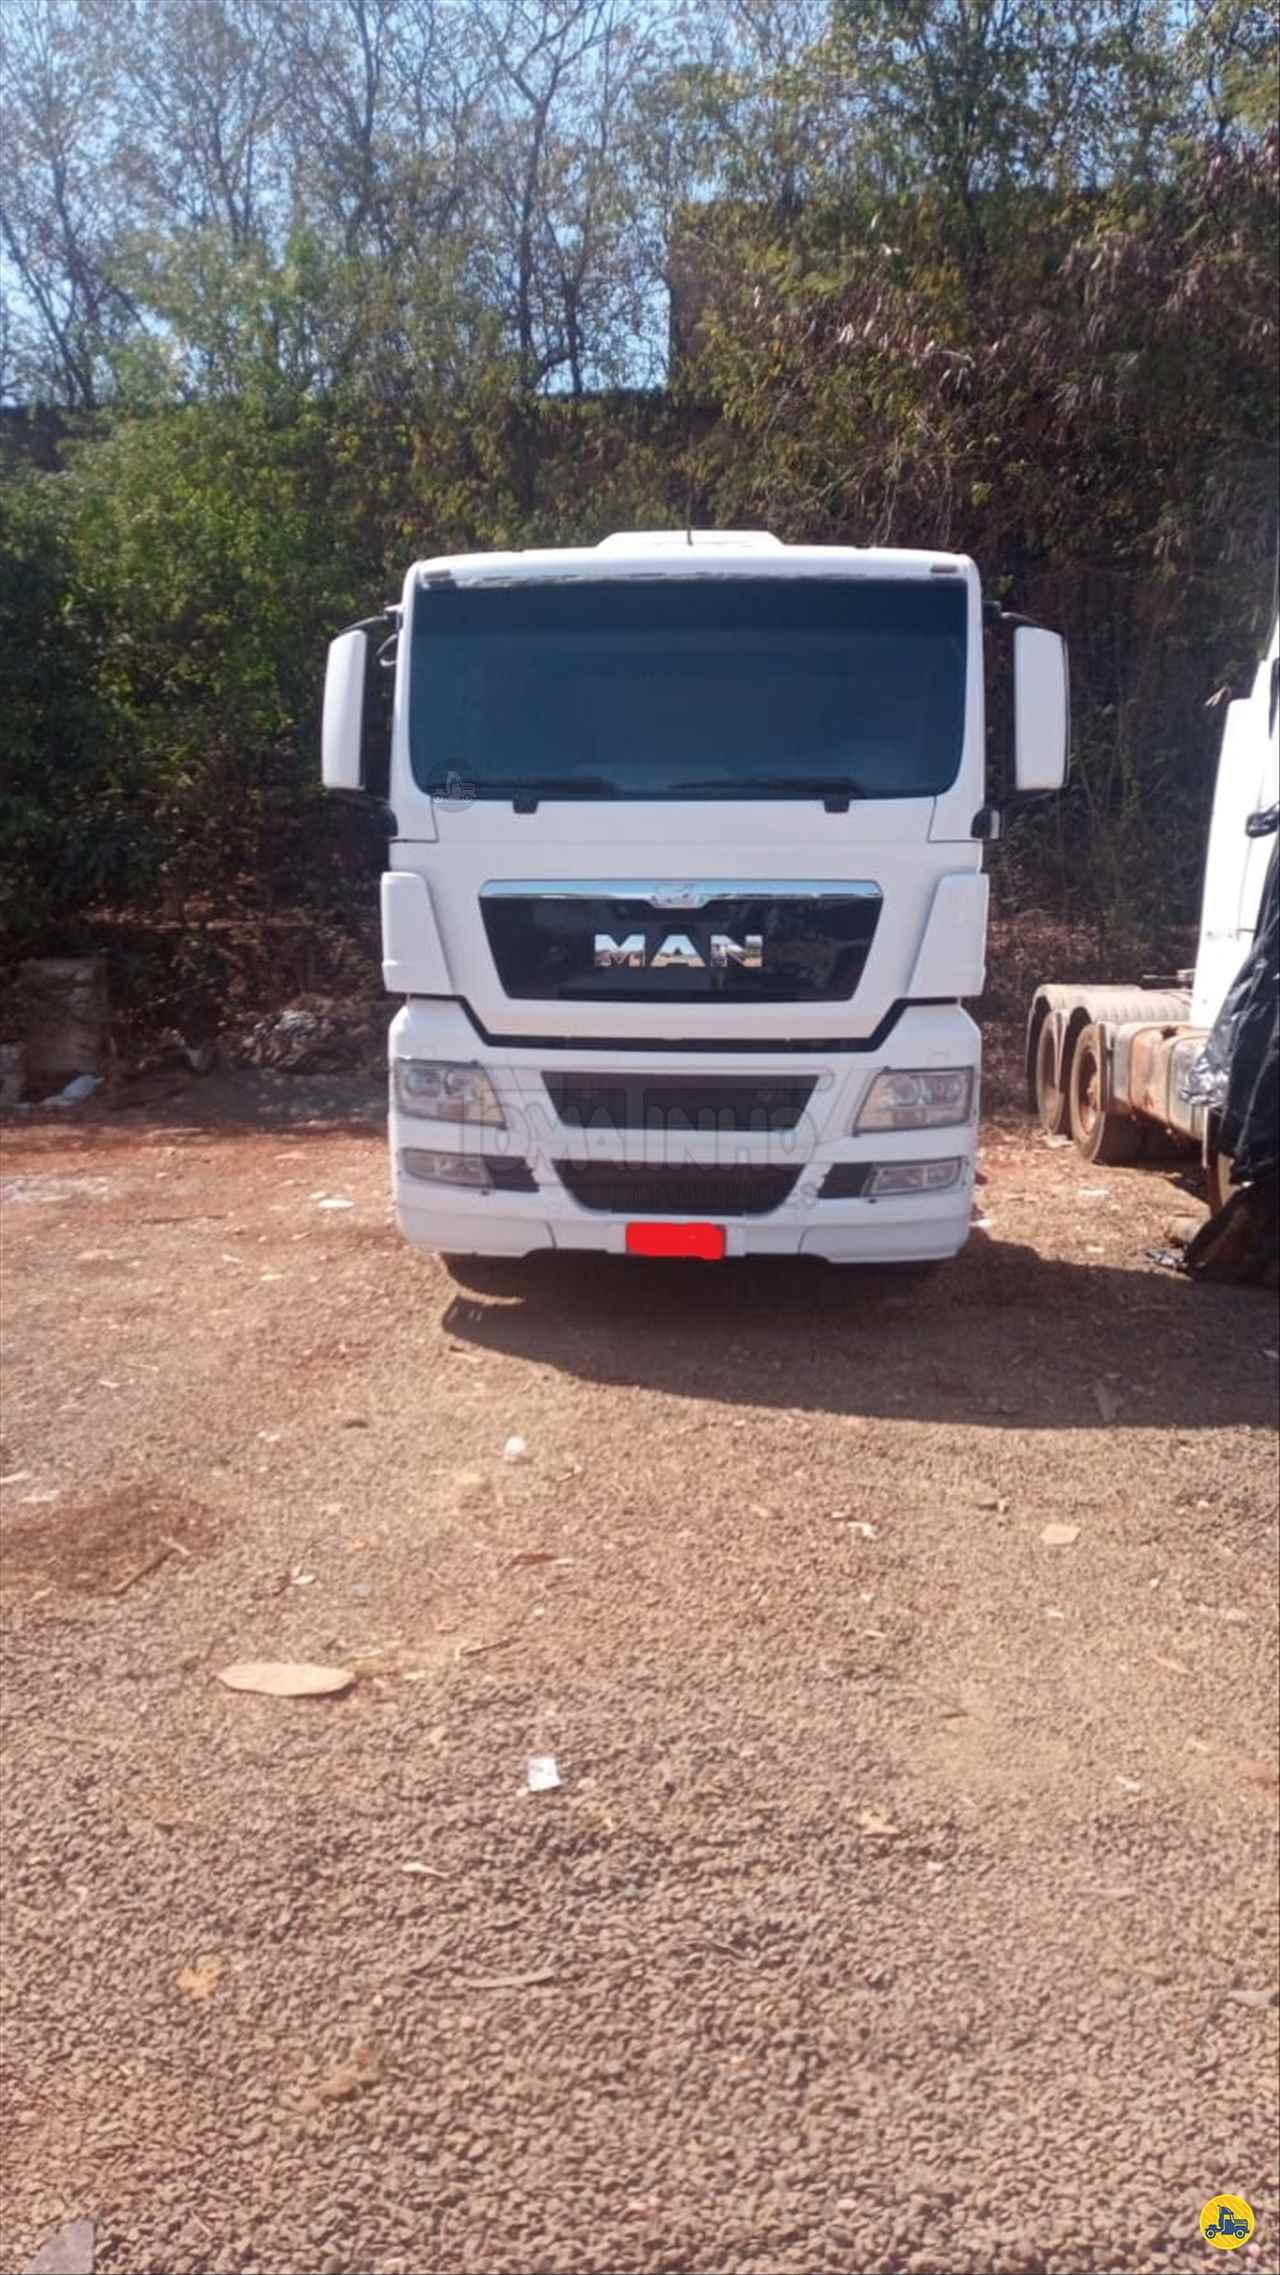 CAMINHAO MAN TGX 29 440 Cavalo Mecânico Traçado 6x4 Tomatinho Caminhões BAURU SÃO PAULO SP